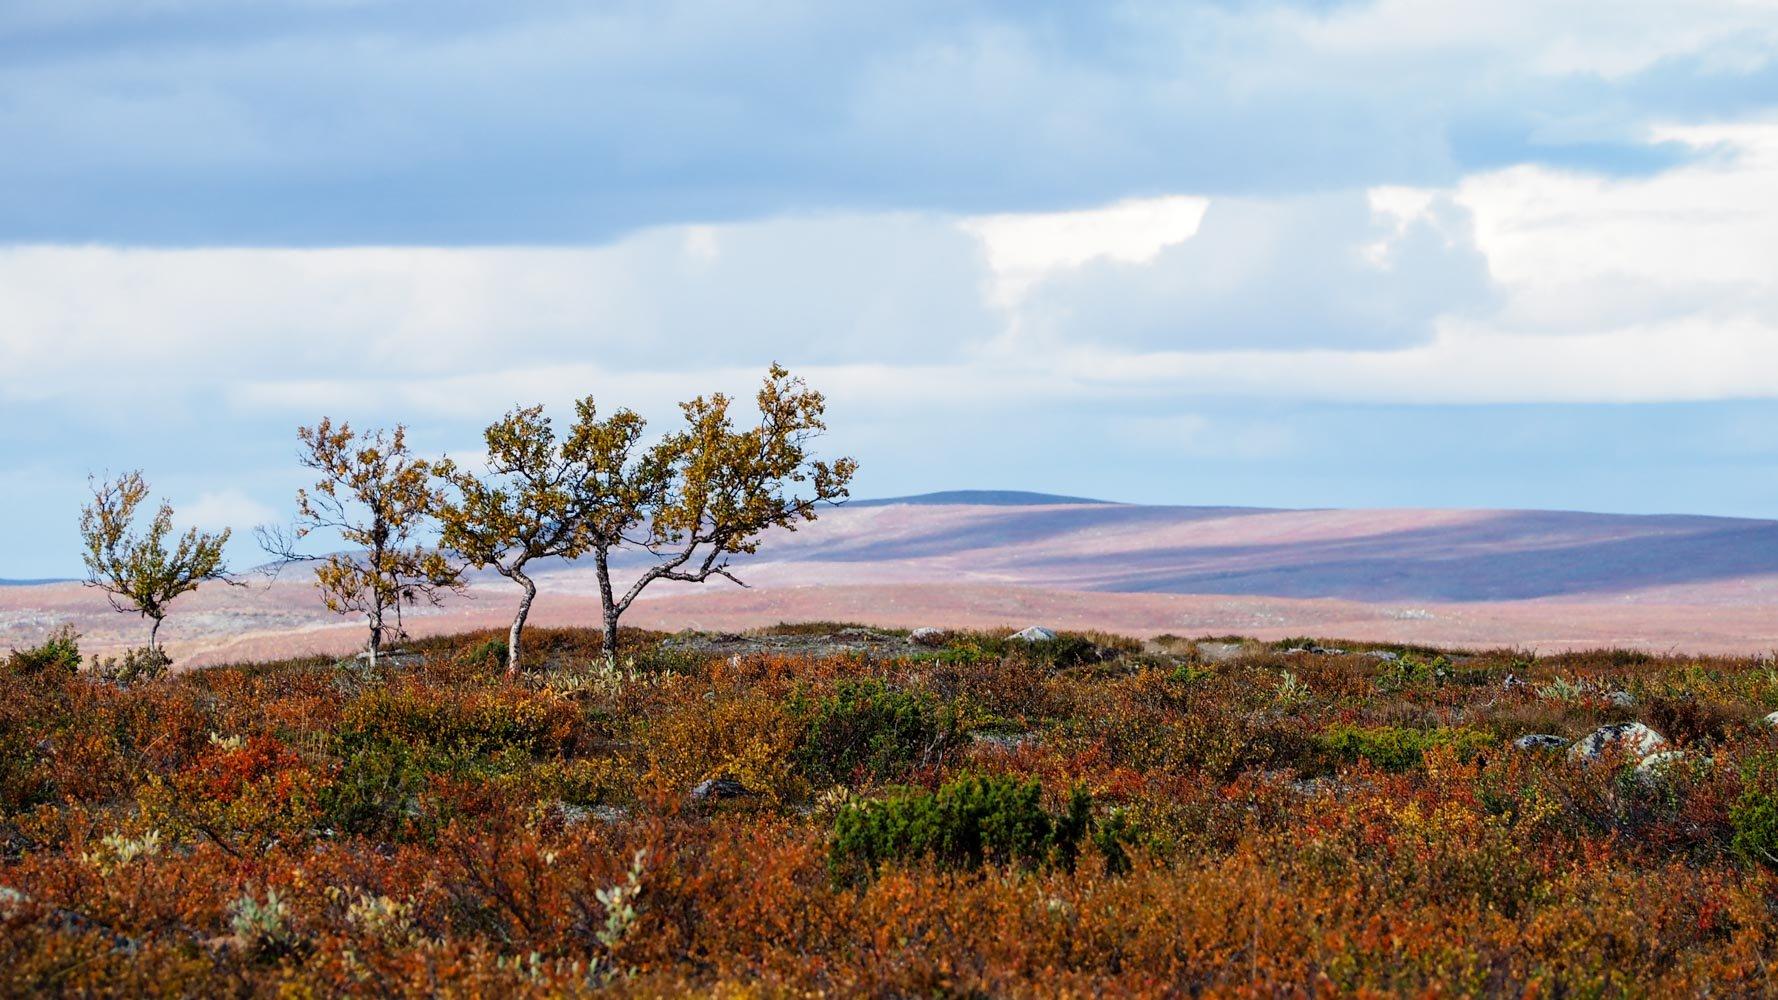 Avoin tunturimaisema, jossa etualalla ruskan väreissä koreilevaa varvikkoa ja pari käppyräistä tunturikoivua. Kaukaisuudessa loivasti kumpuilevia puuttomia vaaroja, joilla näkyy pilvien varjoja.